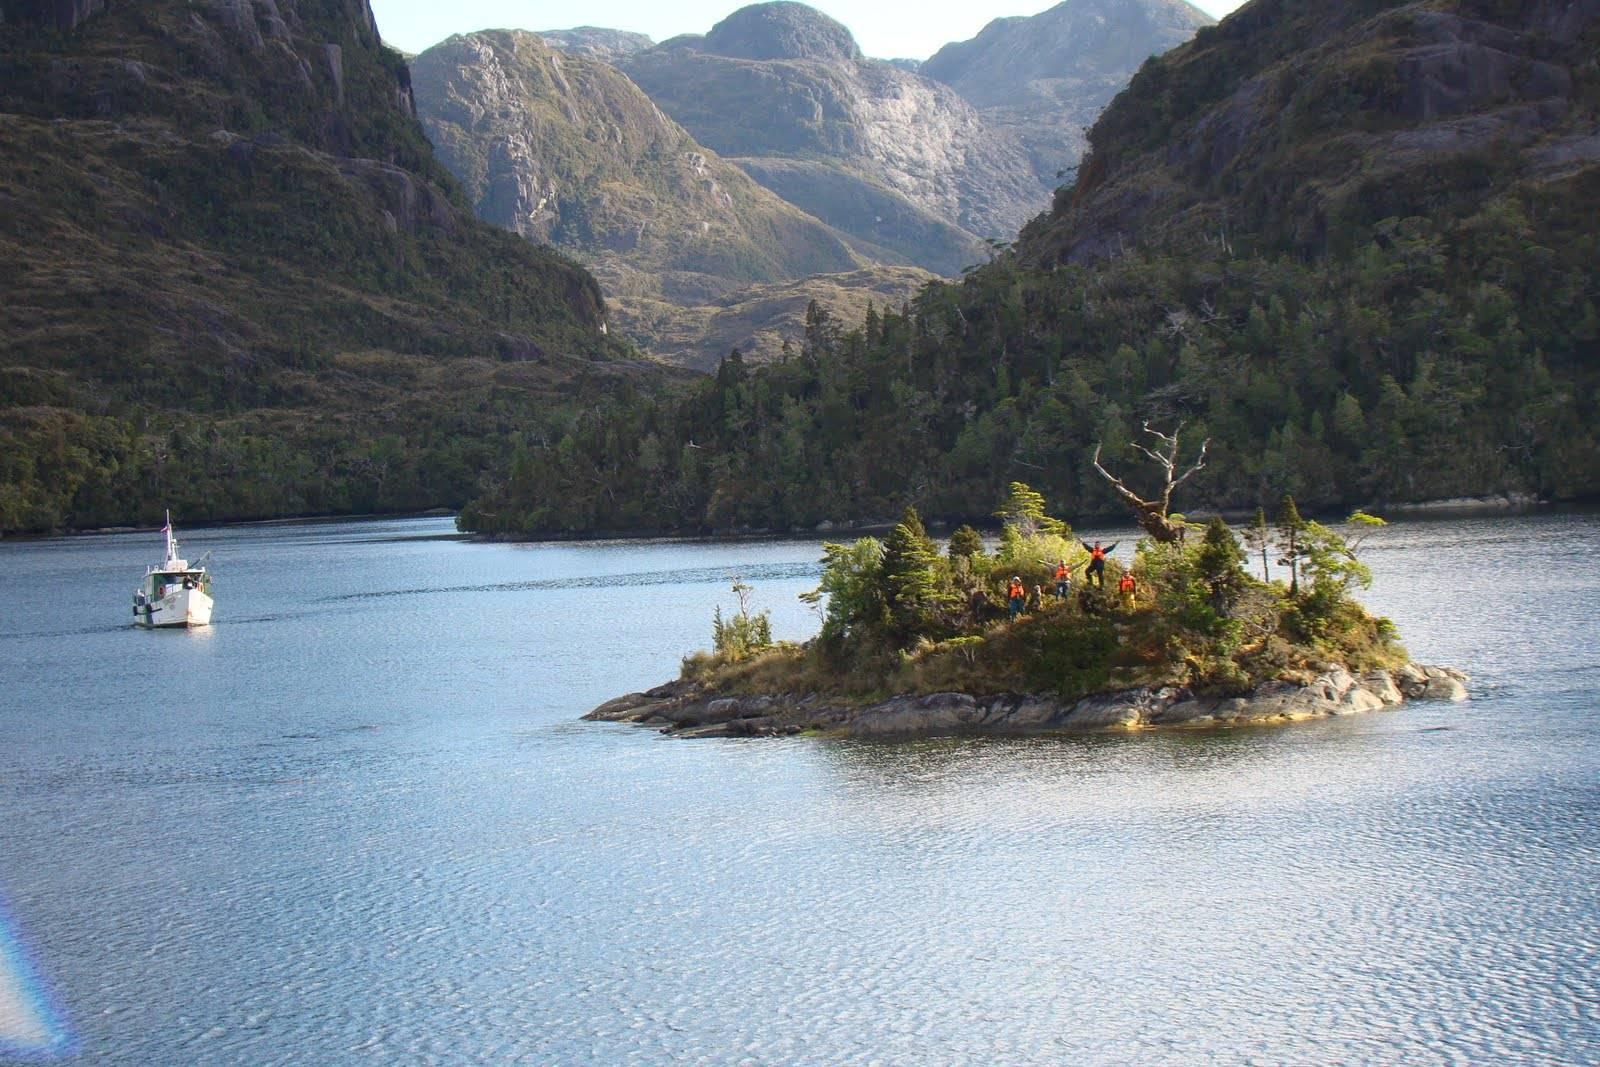 Insólito: 11 mil islas en Chile no tienen nombre y ahora tu podrás bautizarlas